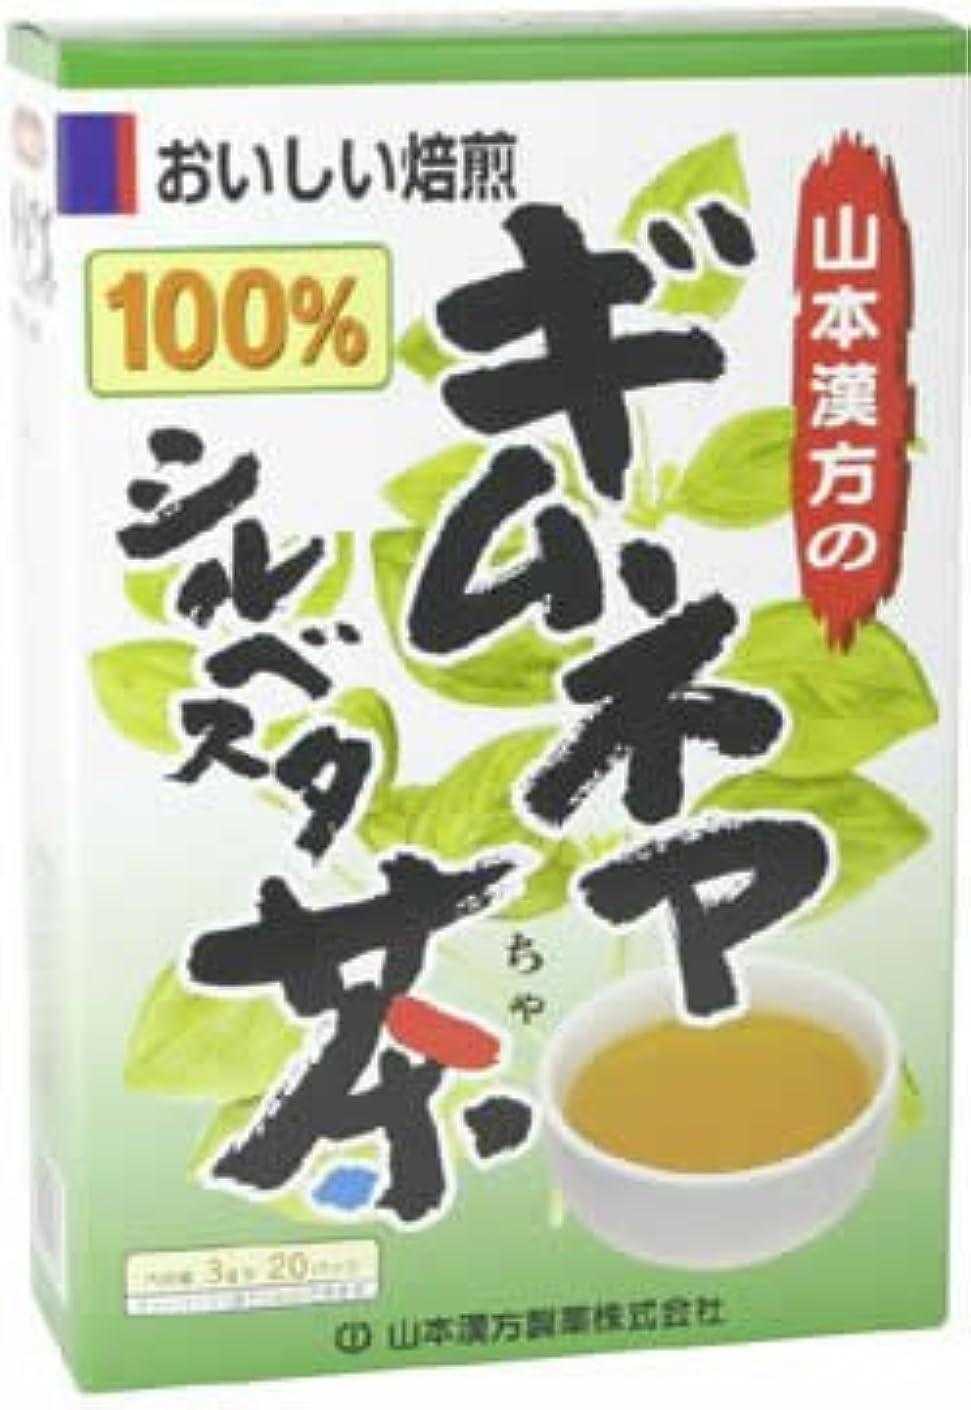 コーンコードシニス山本漢方製薬 ギムネマシルベスタ茶100% 3gX20H